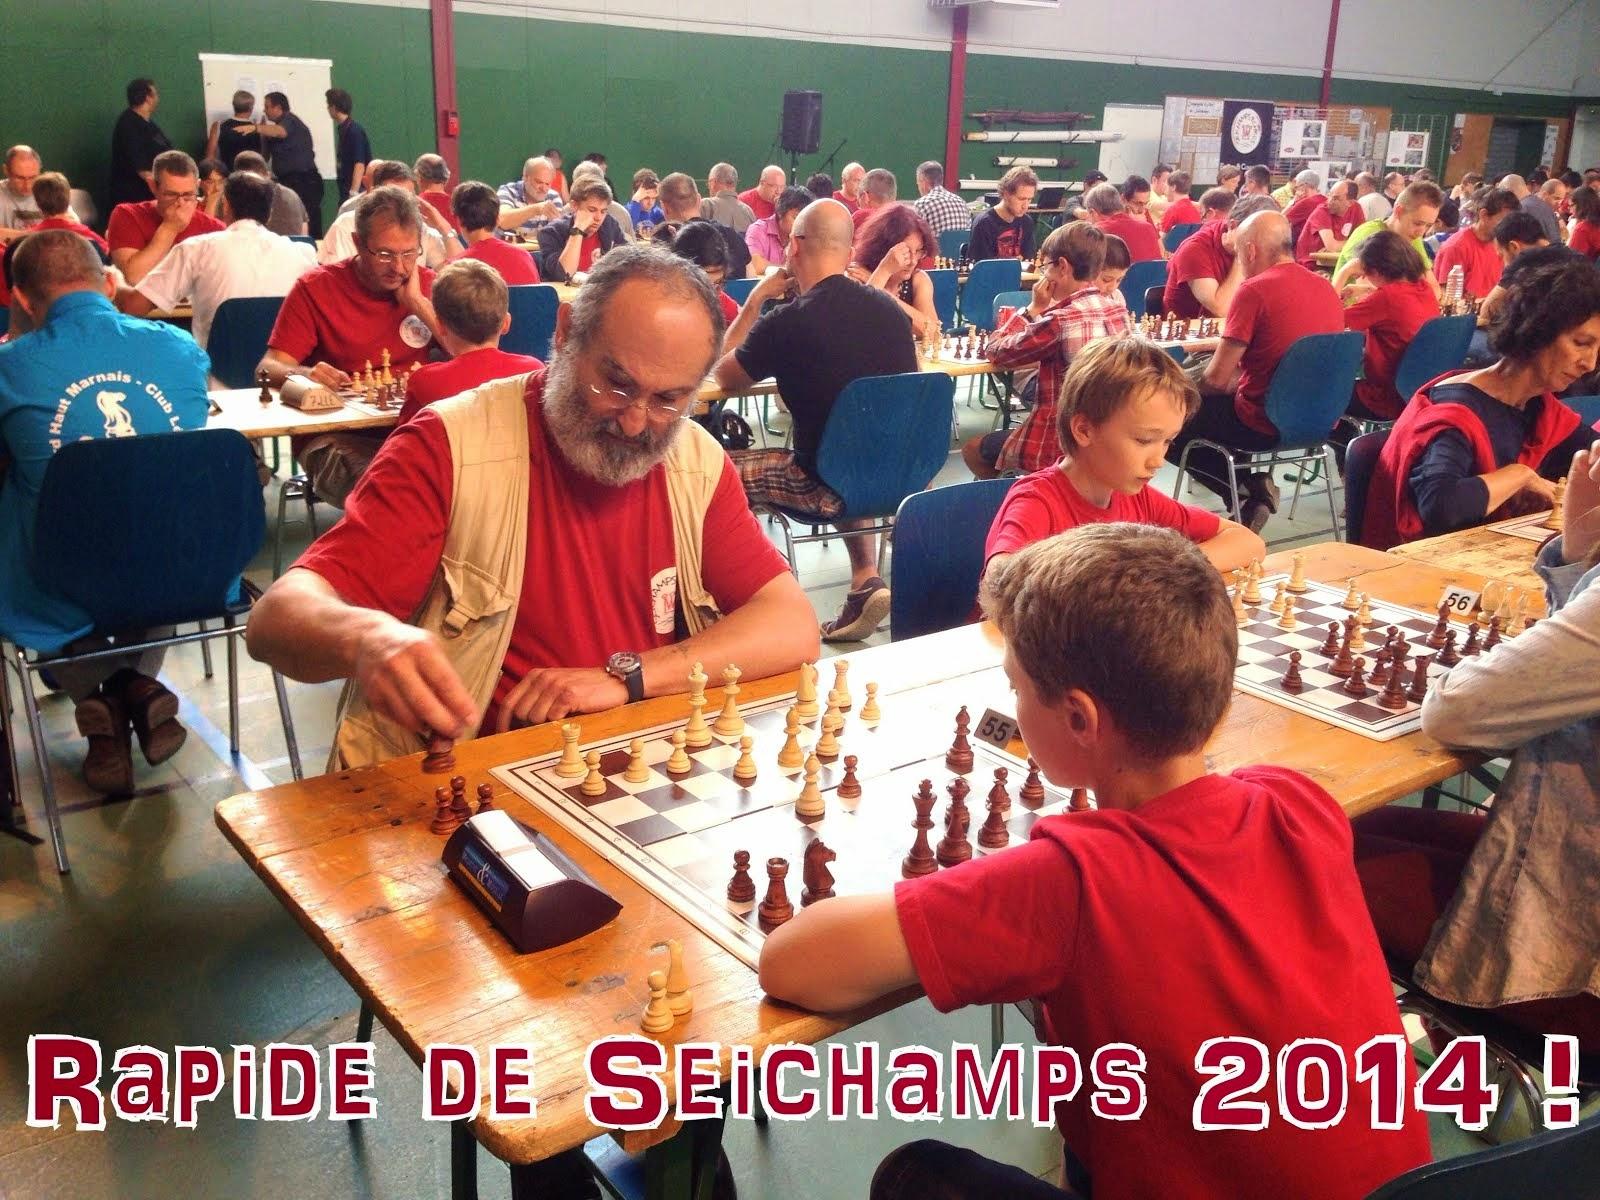 Rapide de Seichamps 2014!